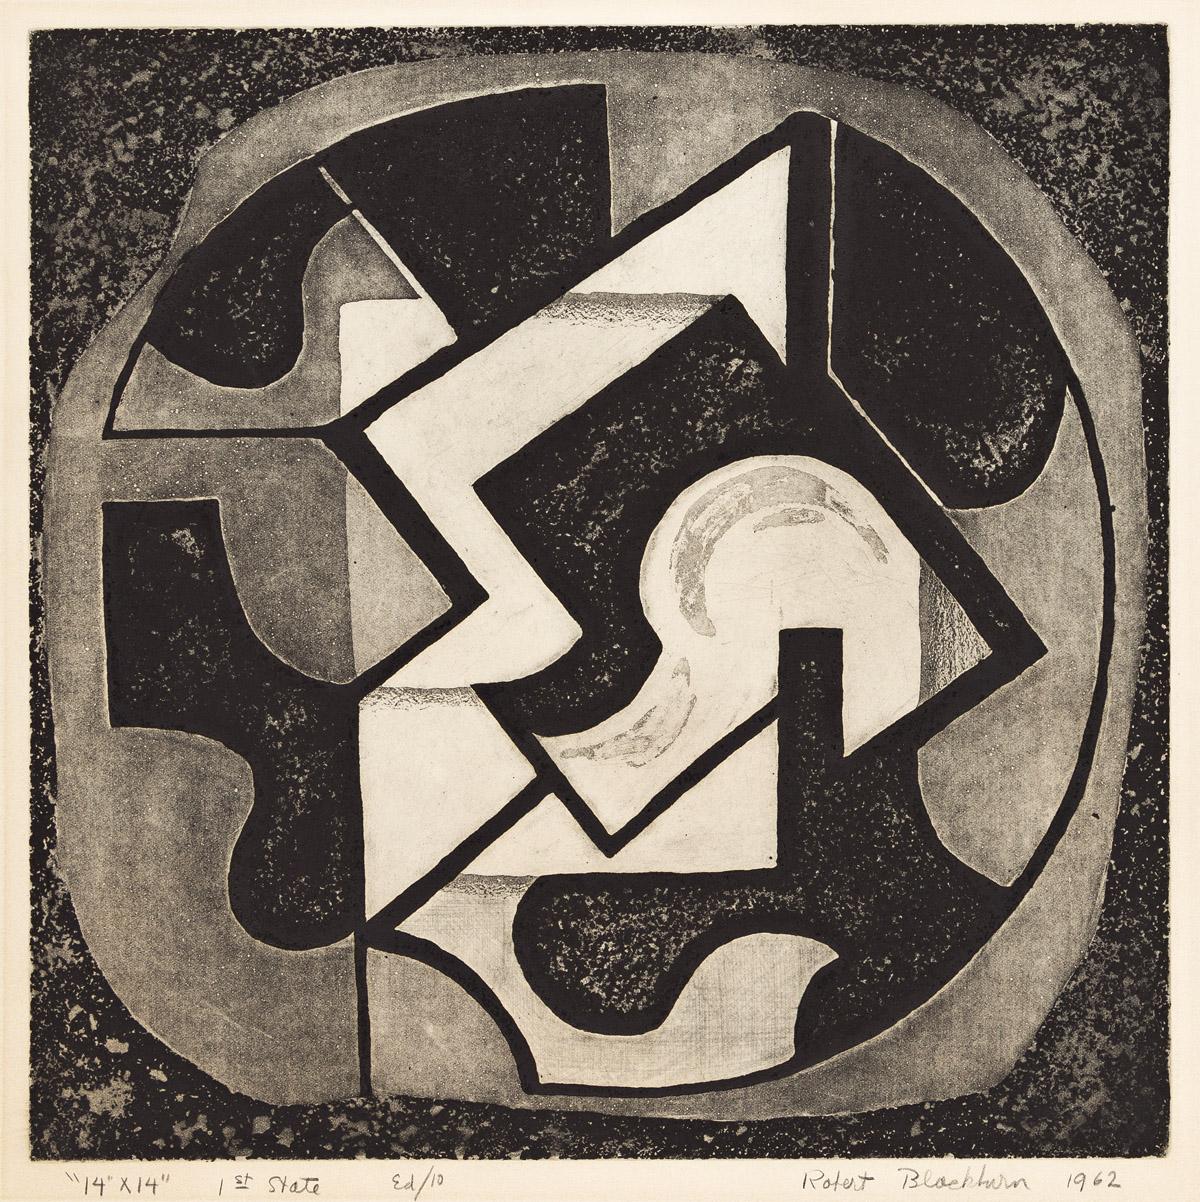 ROBERT BLACKBURN (1920 - 2003) Untitled (14 x 14).